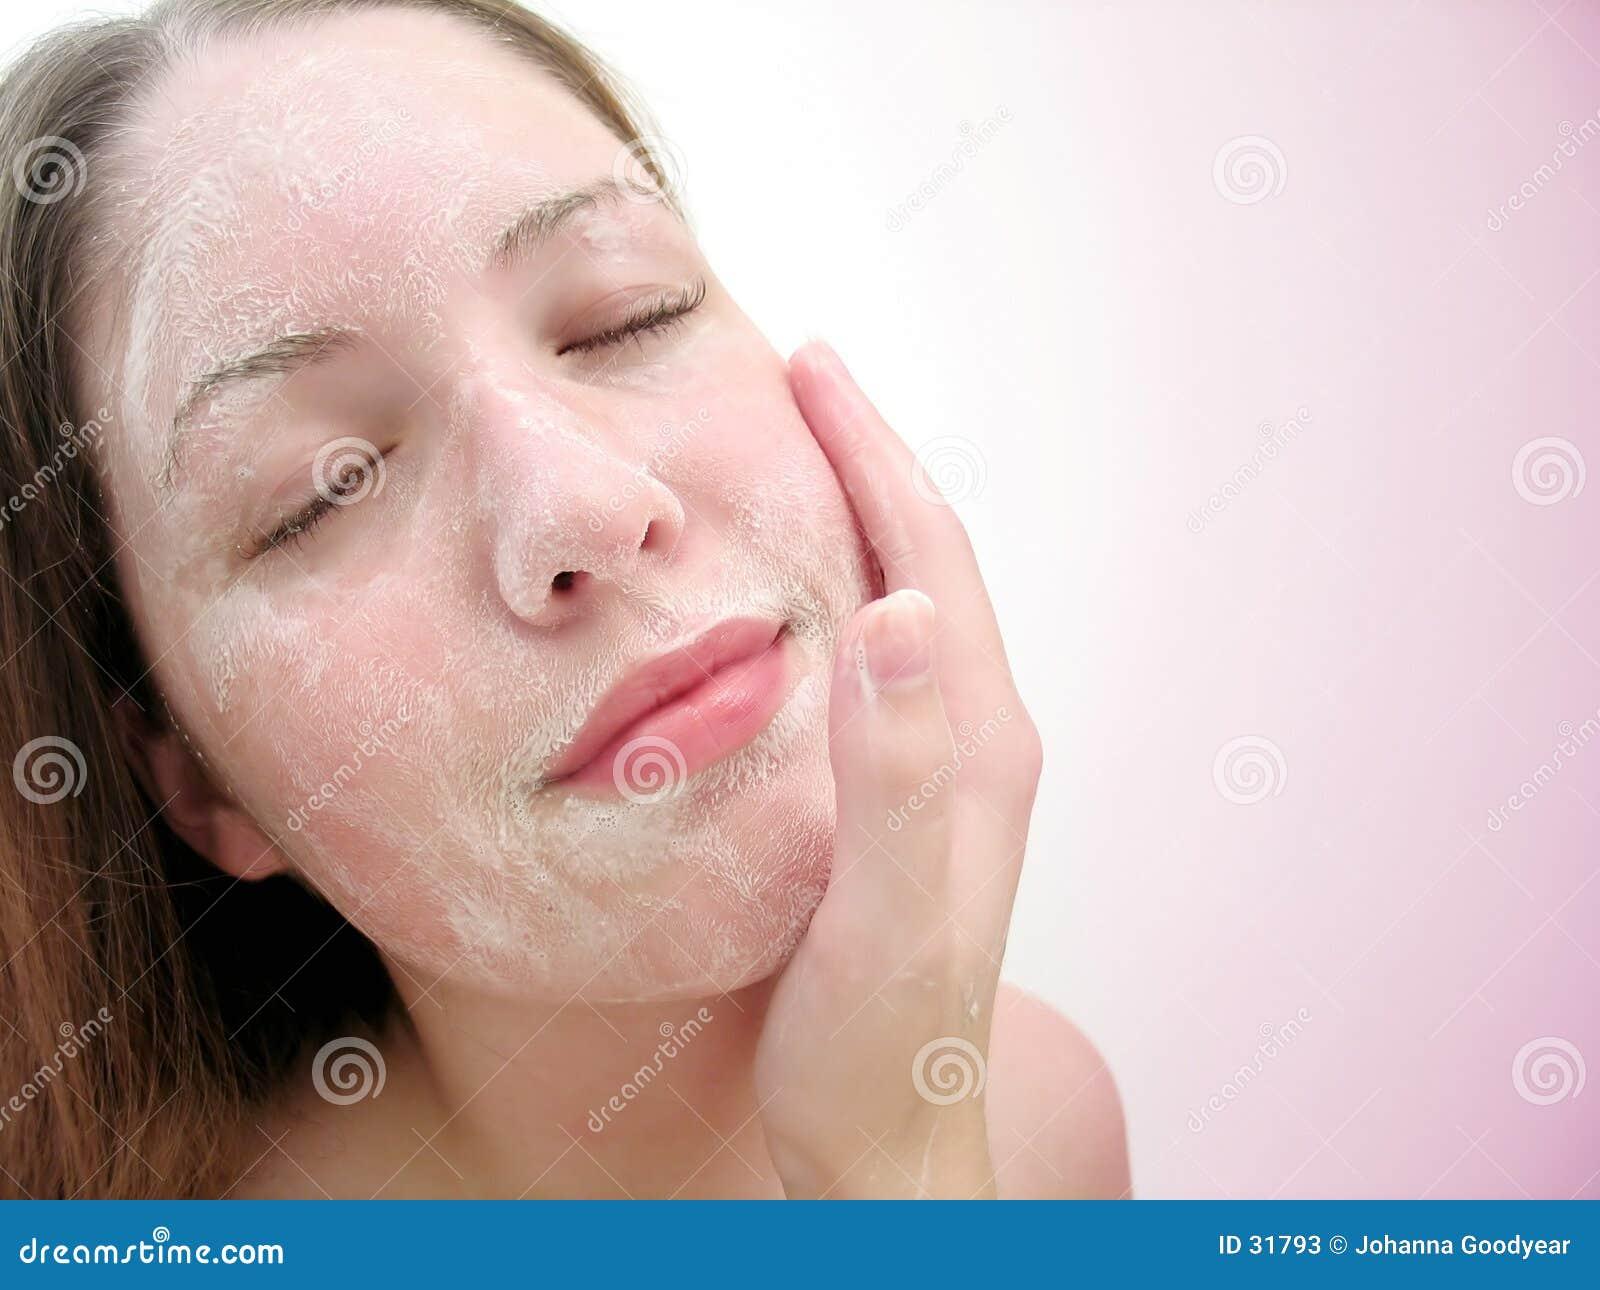 Download Gesichtswäsche 2 stockbild. Bild von reinigen, gesicht, cleanse - 31793